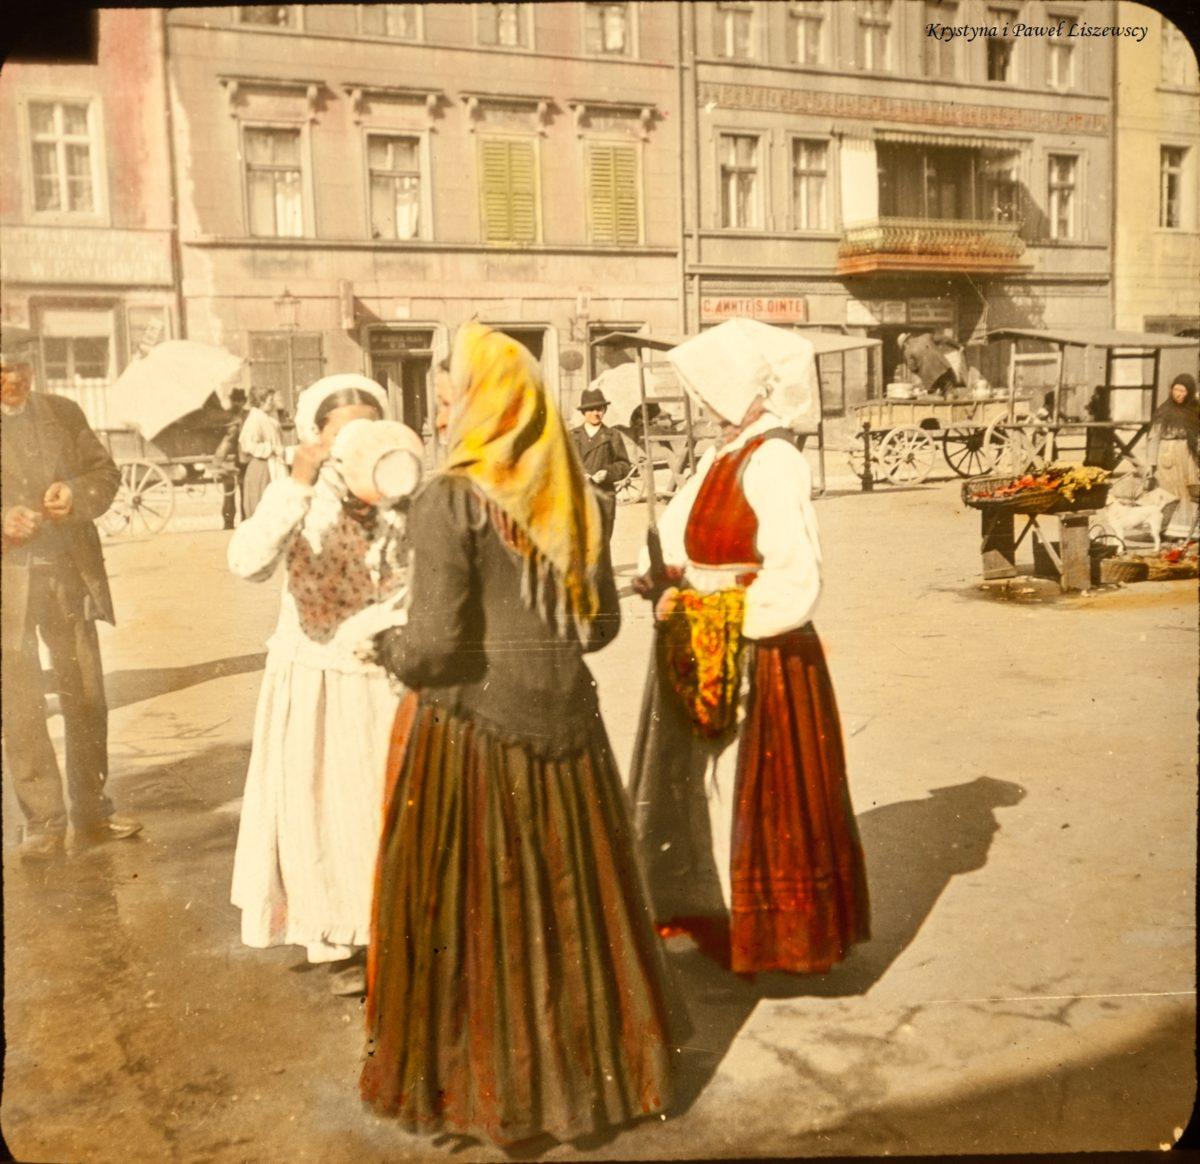 Sklepy i stragany na Rynku Głównym w dawnym Kaliszu